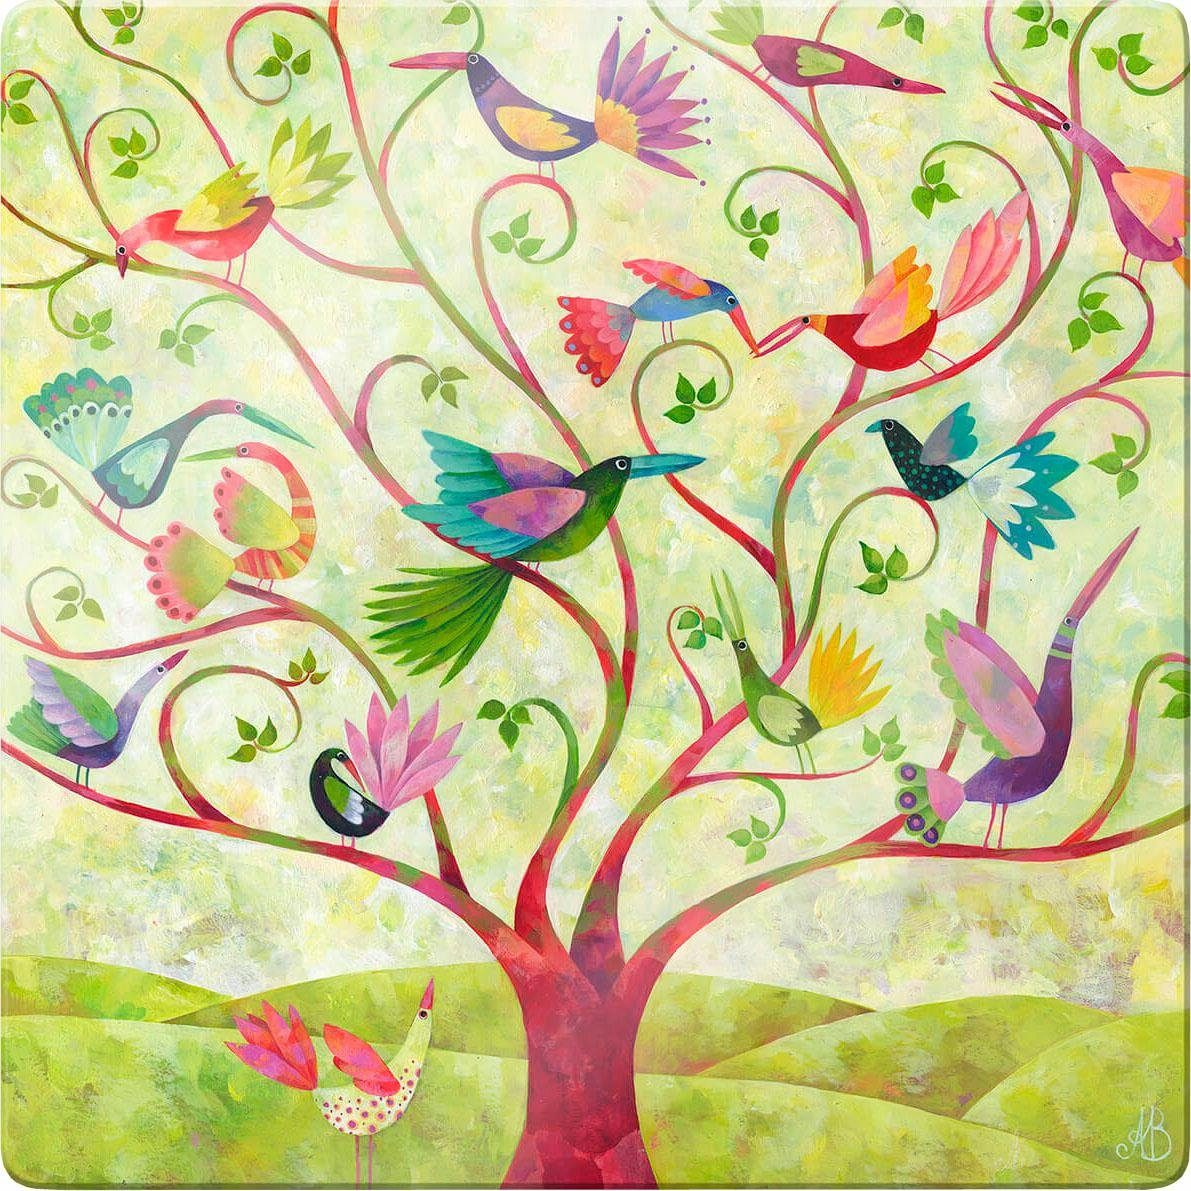 Glasbild »Blanz - Exotische Vögel«, 30/30 cm